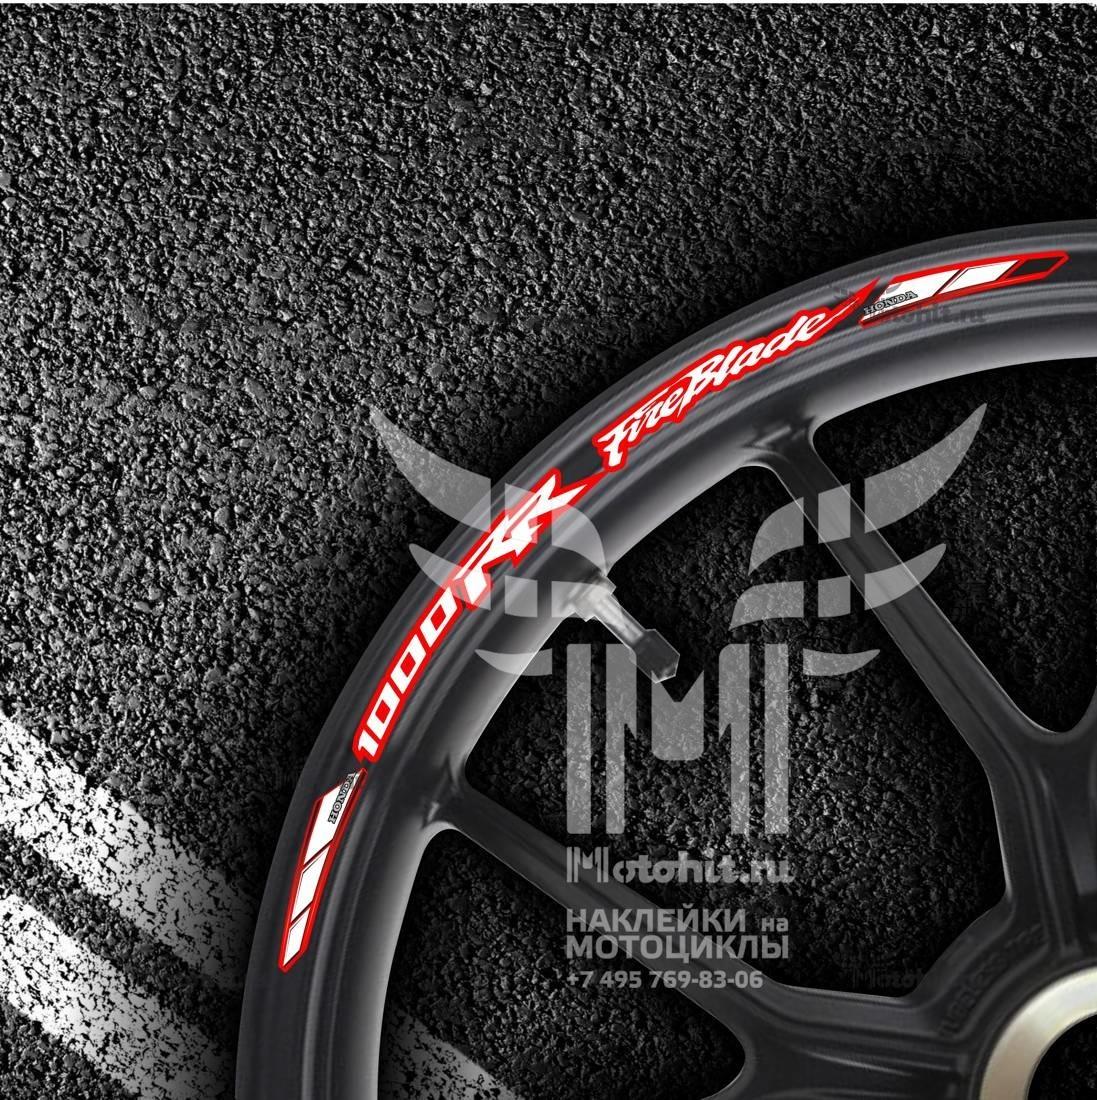 Комплект наклеек на обод колеса мотоцикла HONDA 1000-RR-FIREBLADE